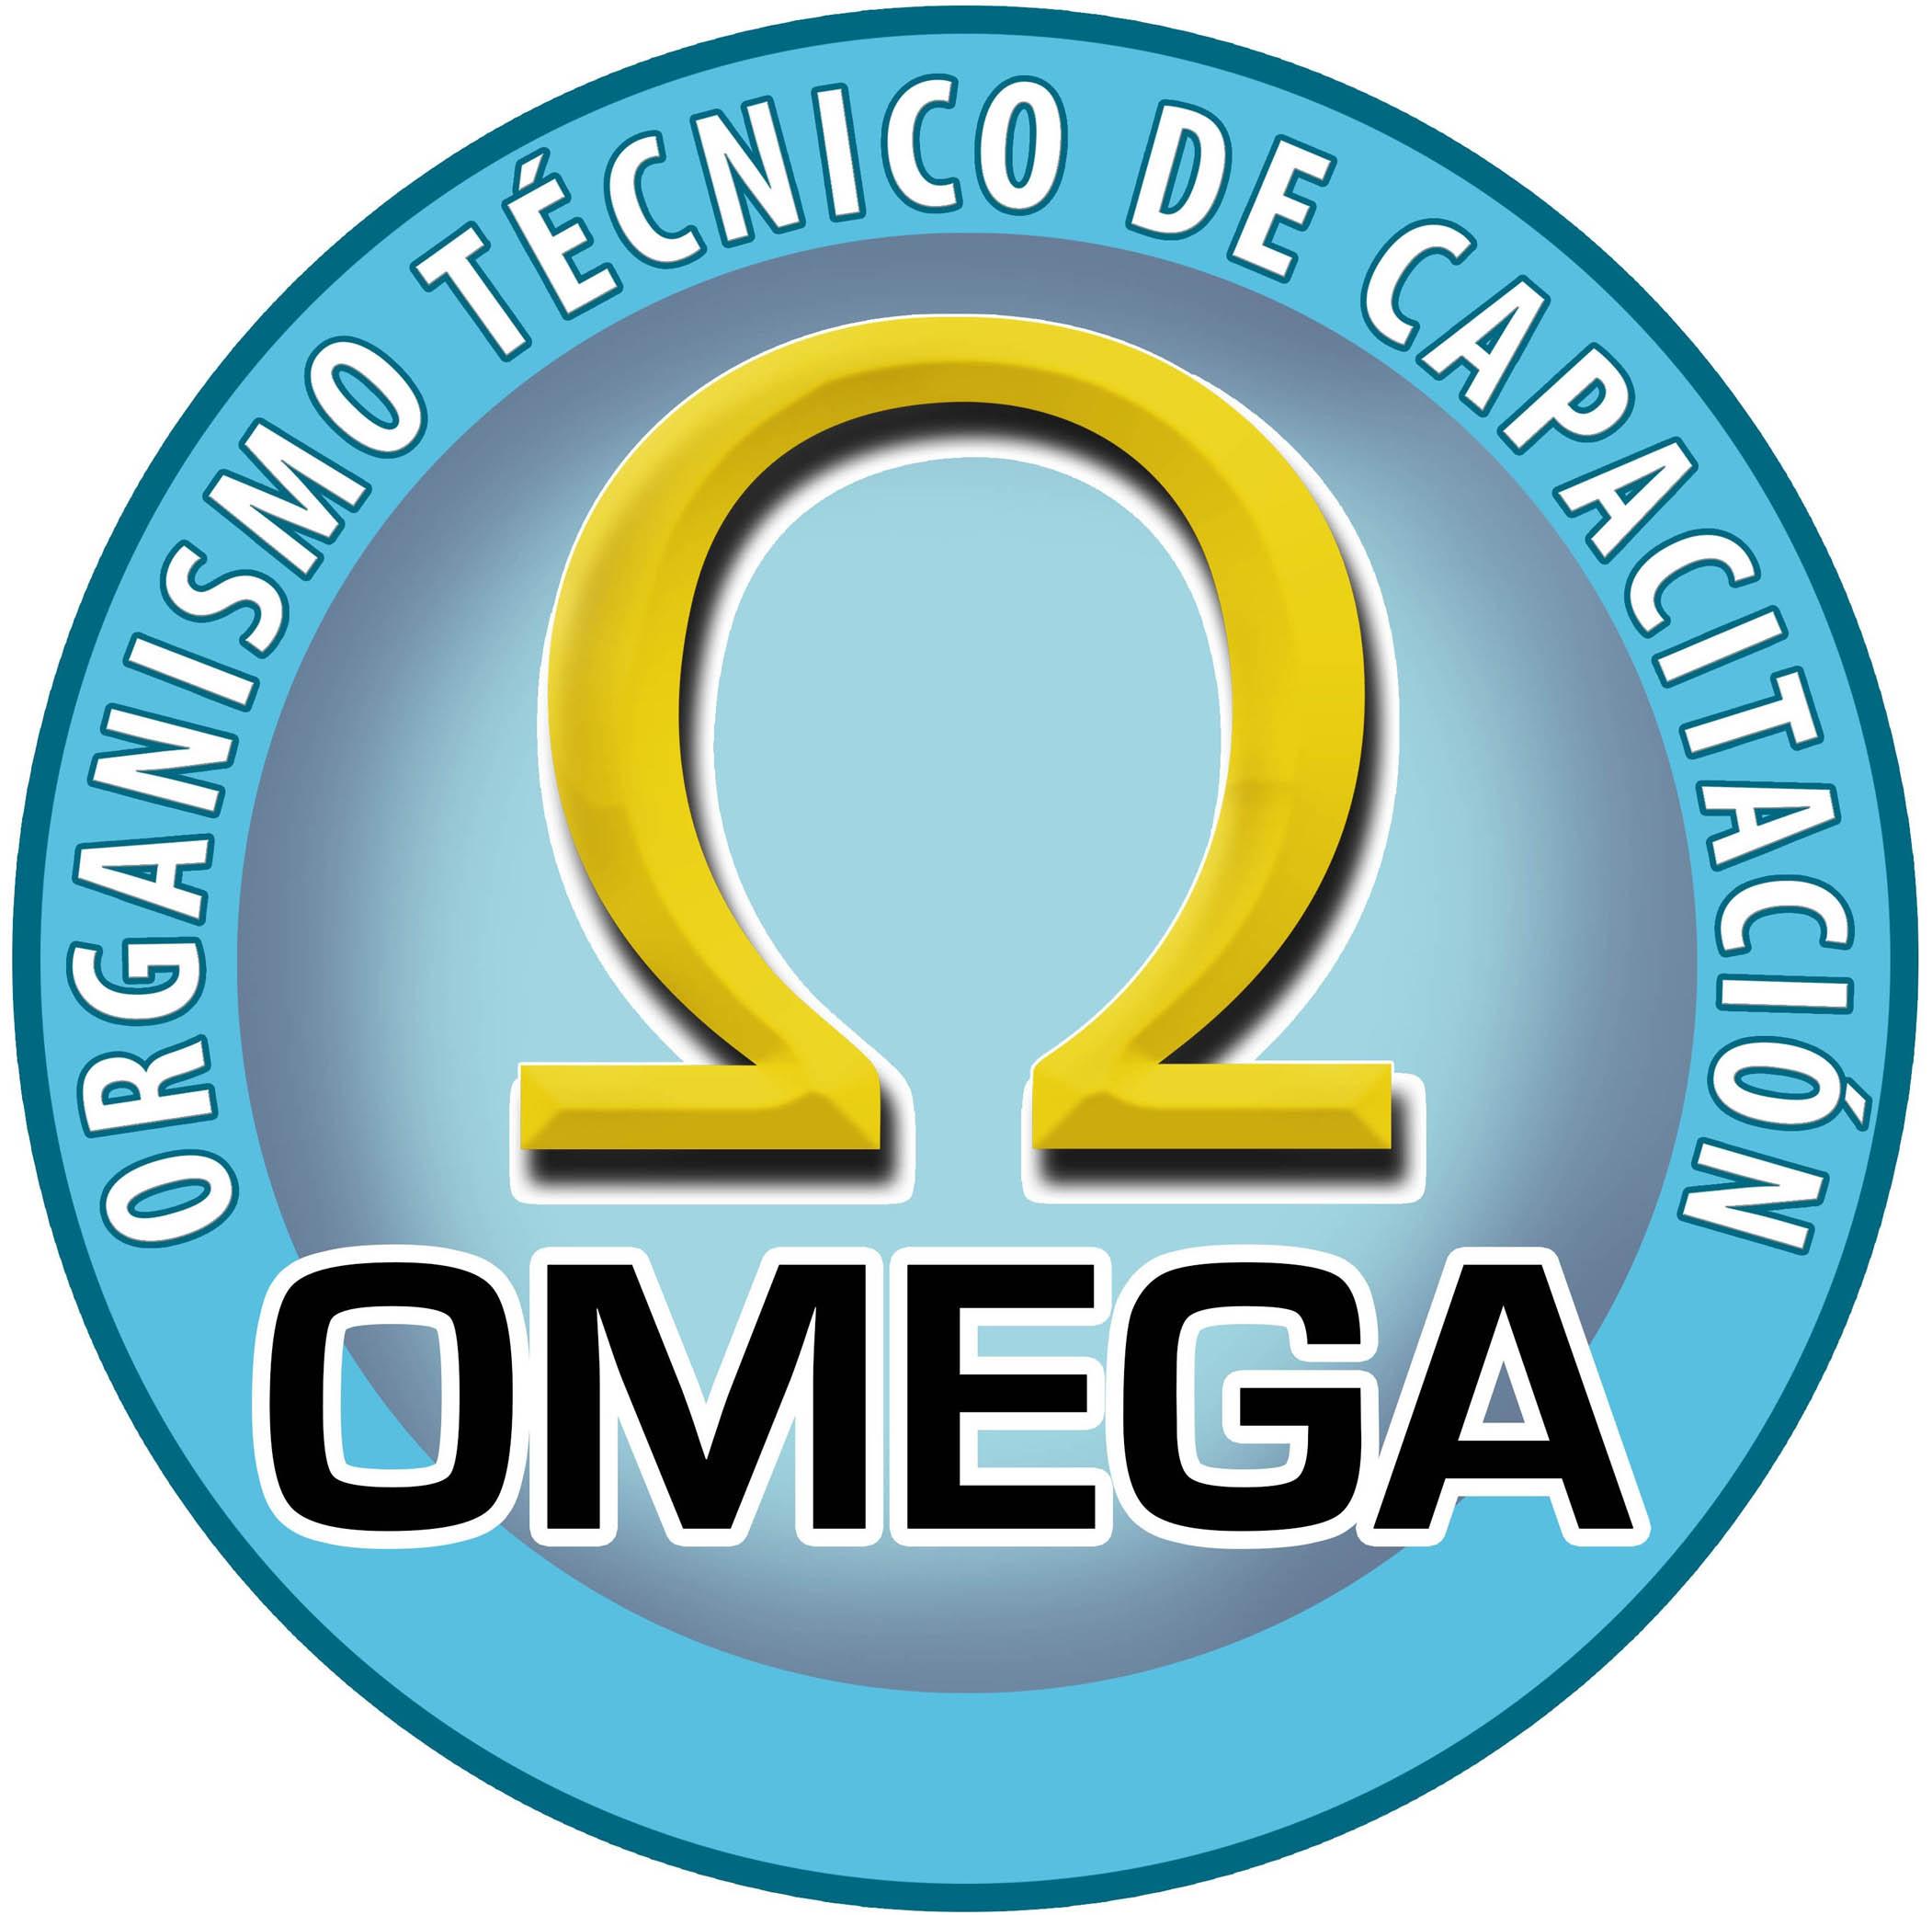 Logo Organismo Técnico de Capacitación Omega SpA.